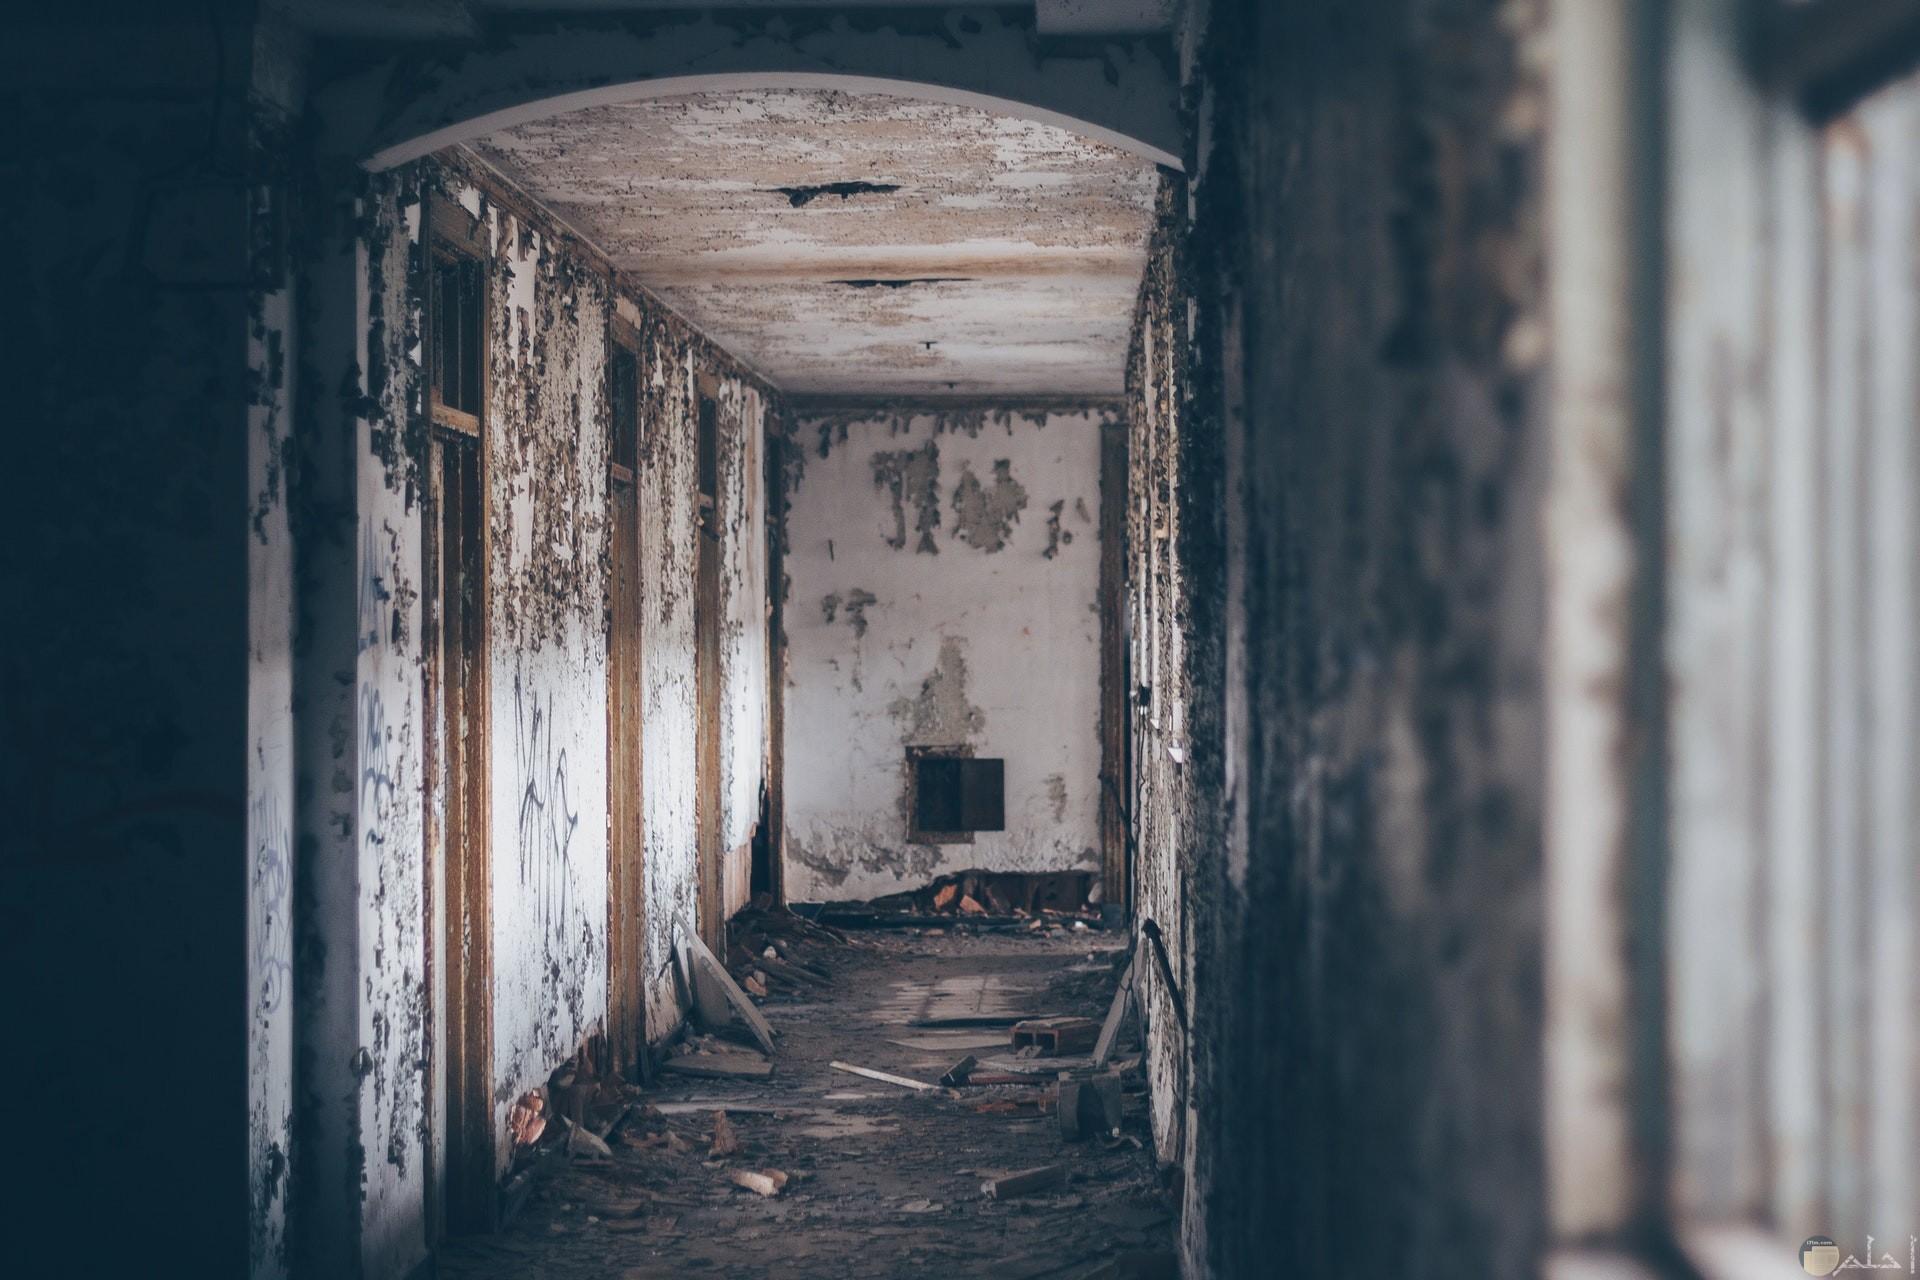 صورة مخيفة لمكان محطم ومدمر مرعبة جدا